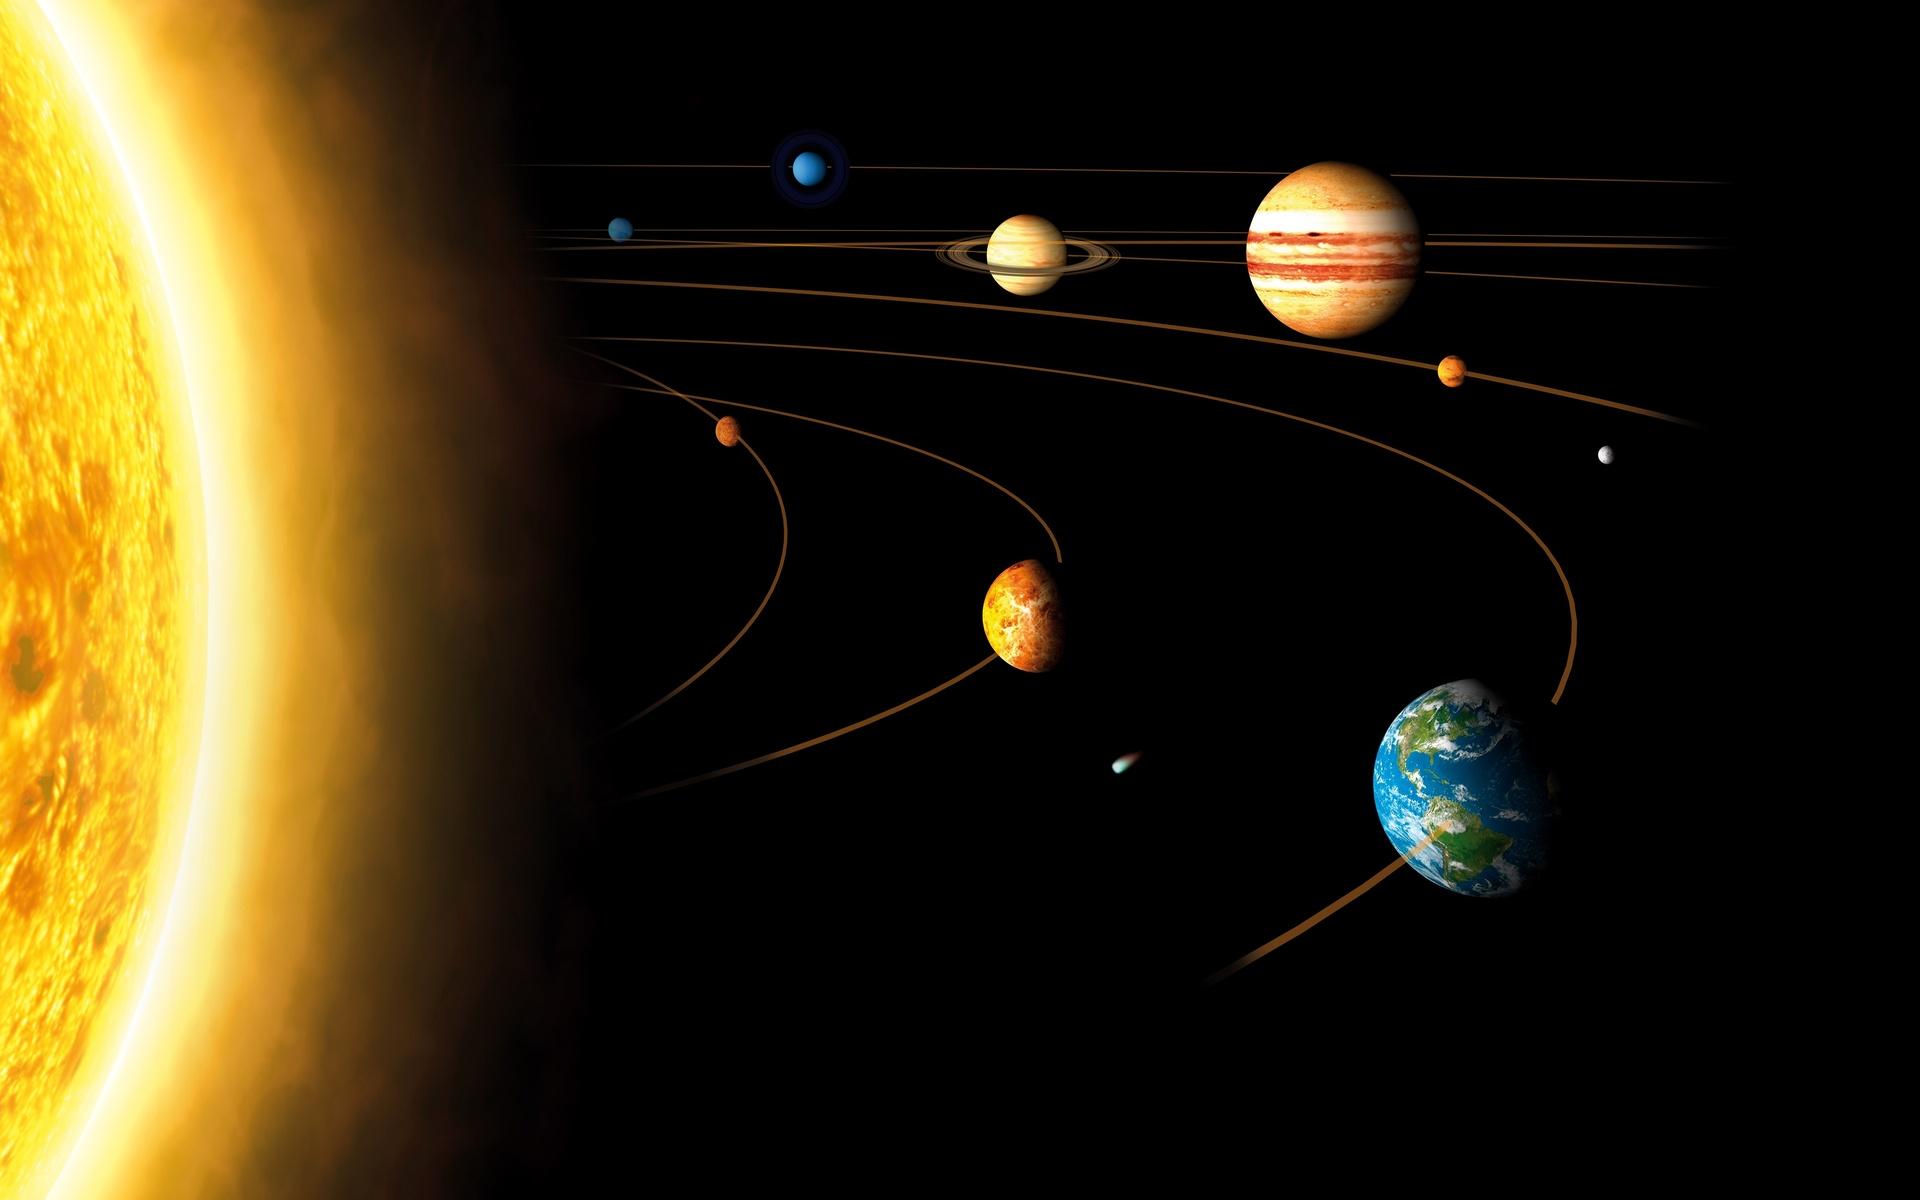 Картинка солнечной системы с орбитами